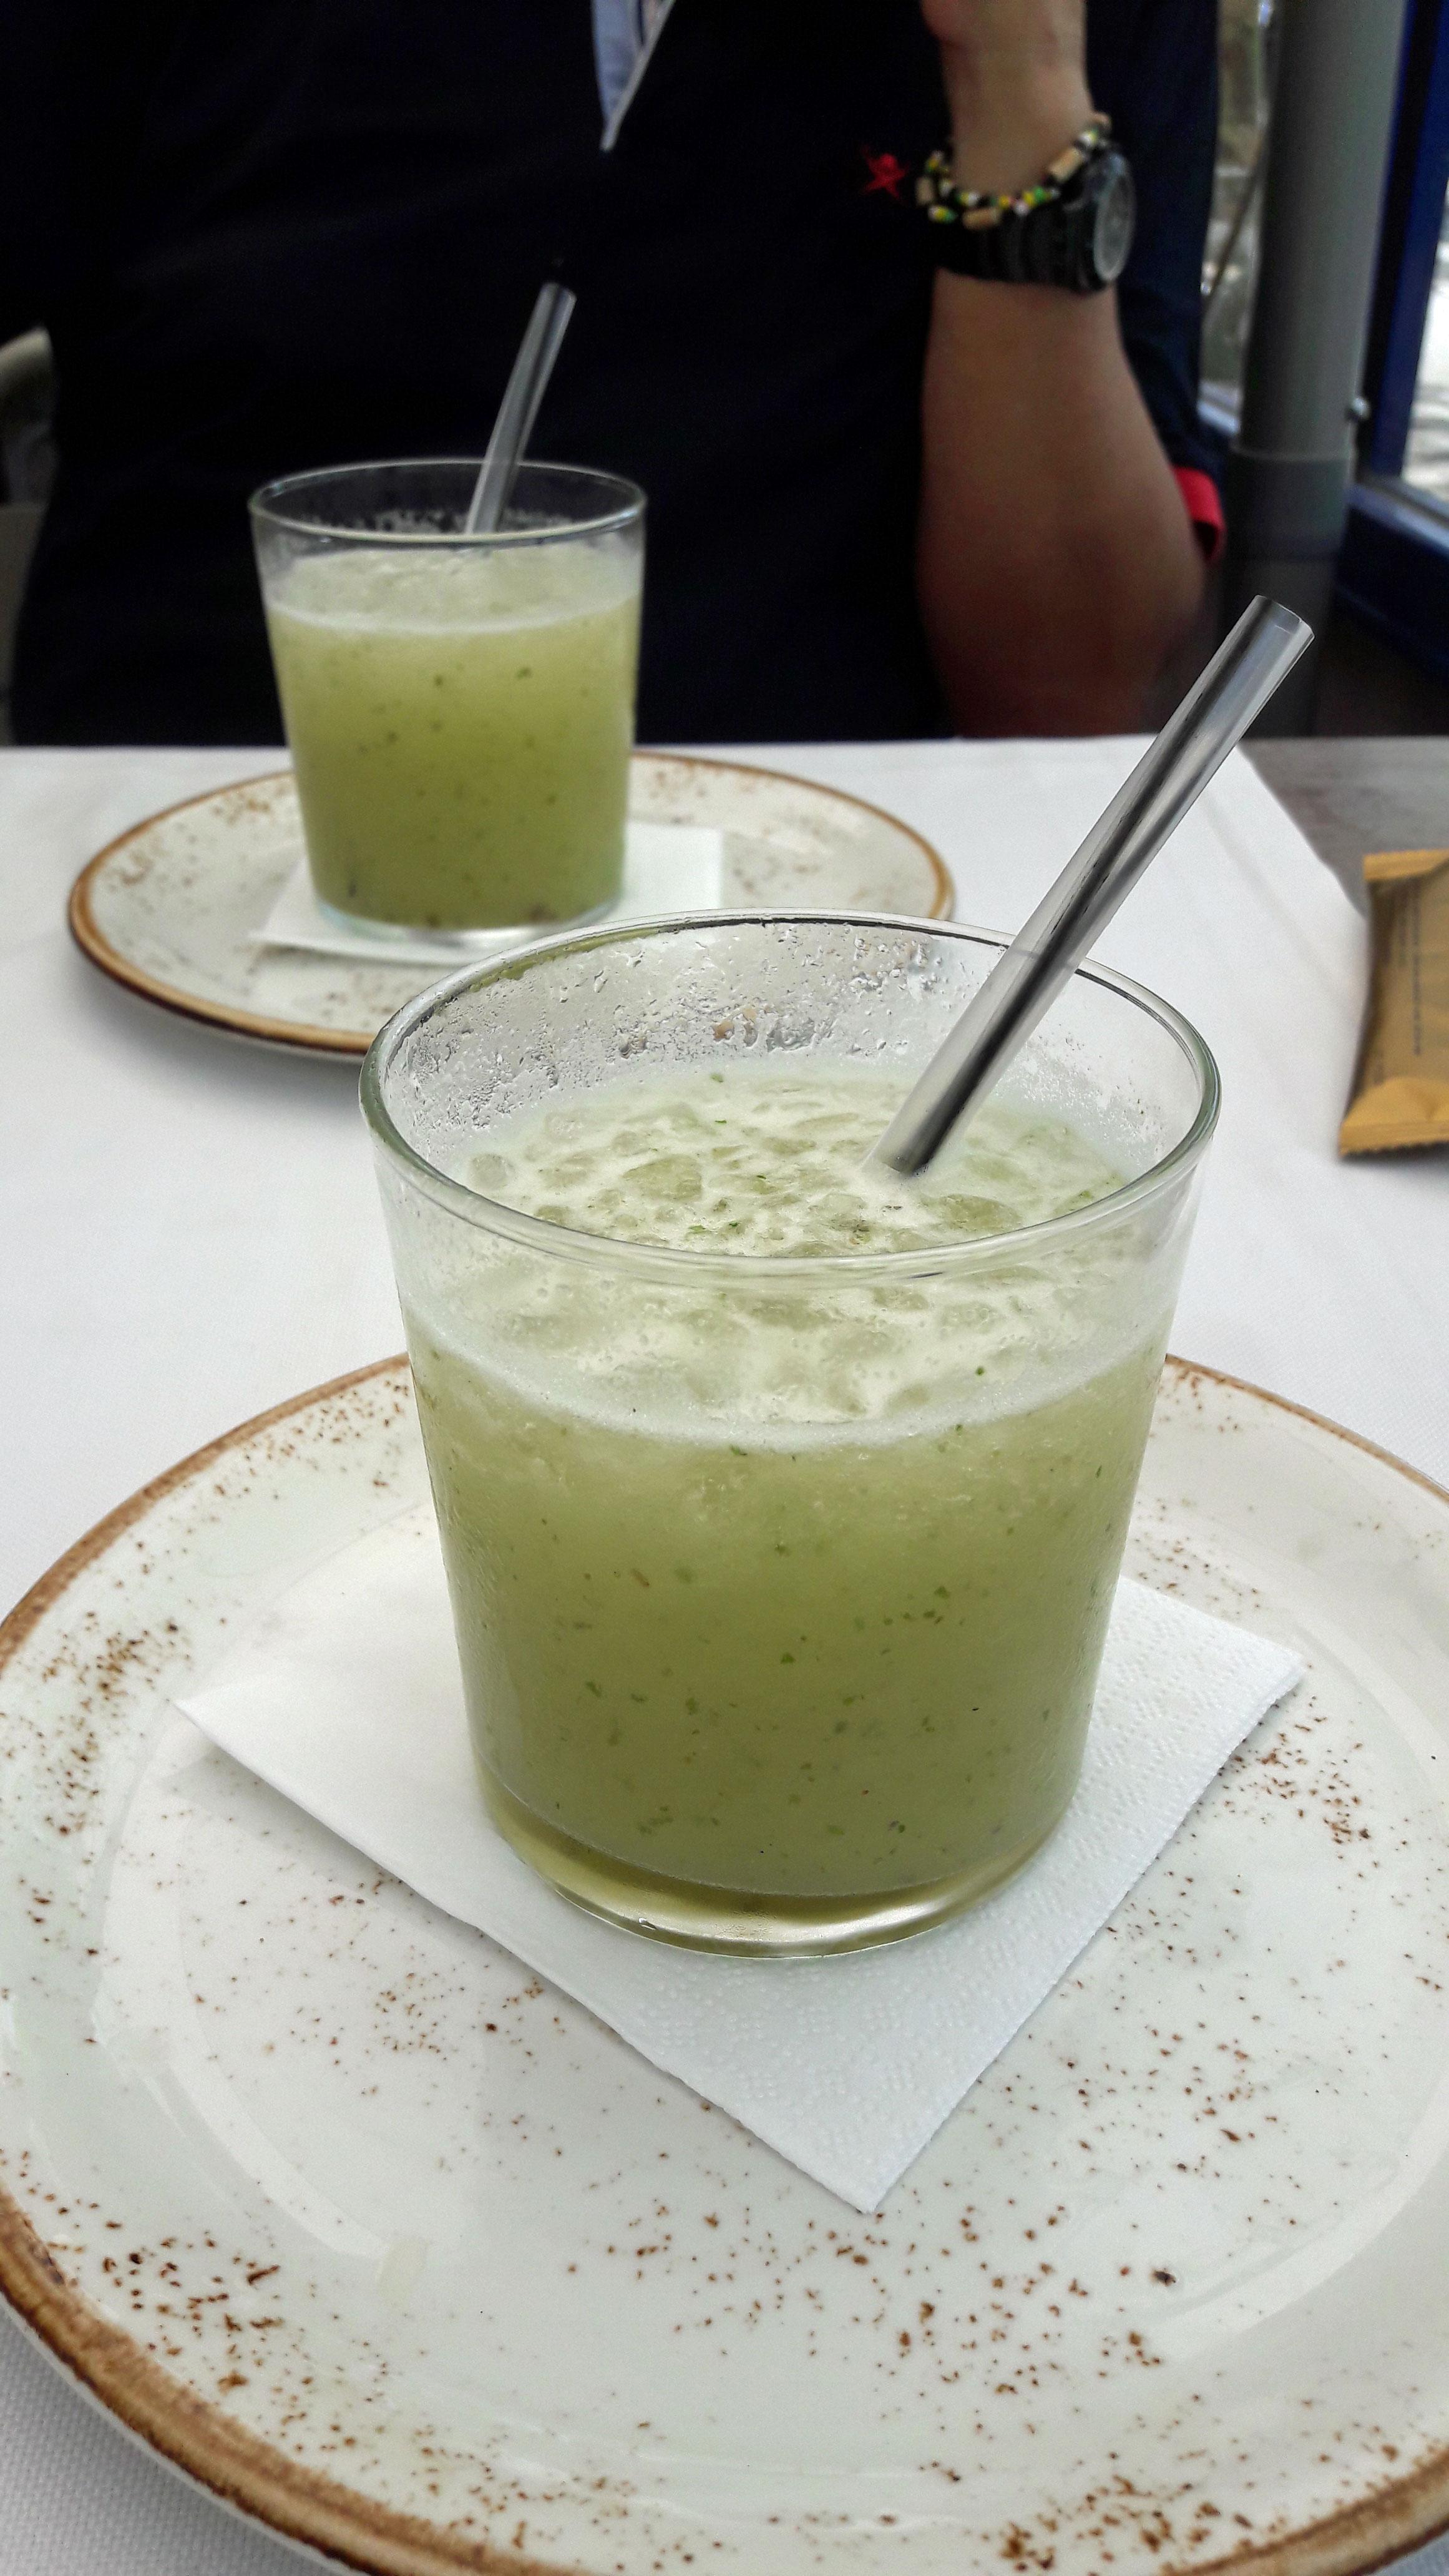 Restaurante La mar Salada Granizado de manzana verde con menta, cilantro y ginebra